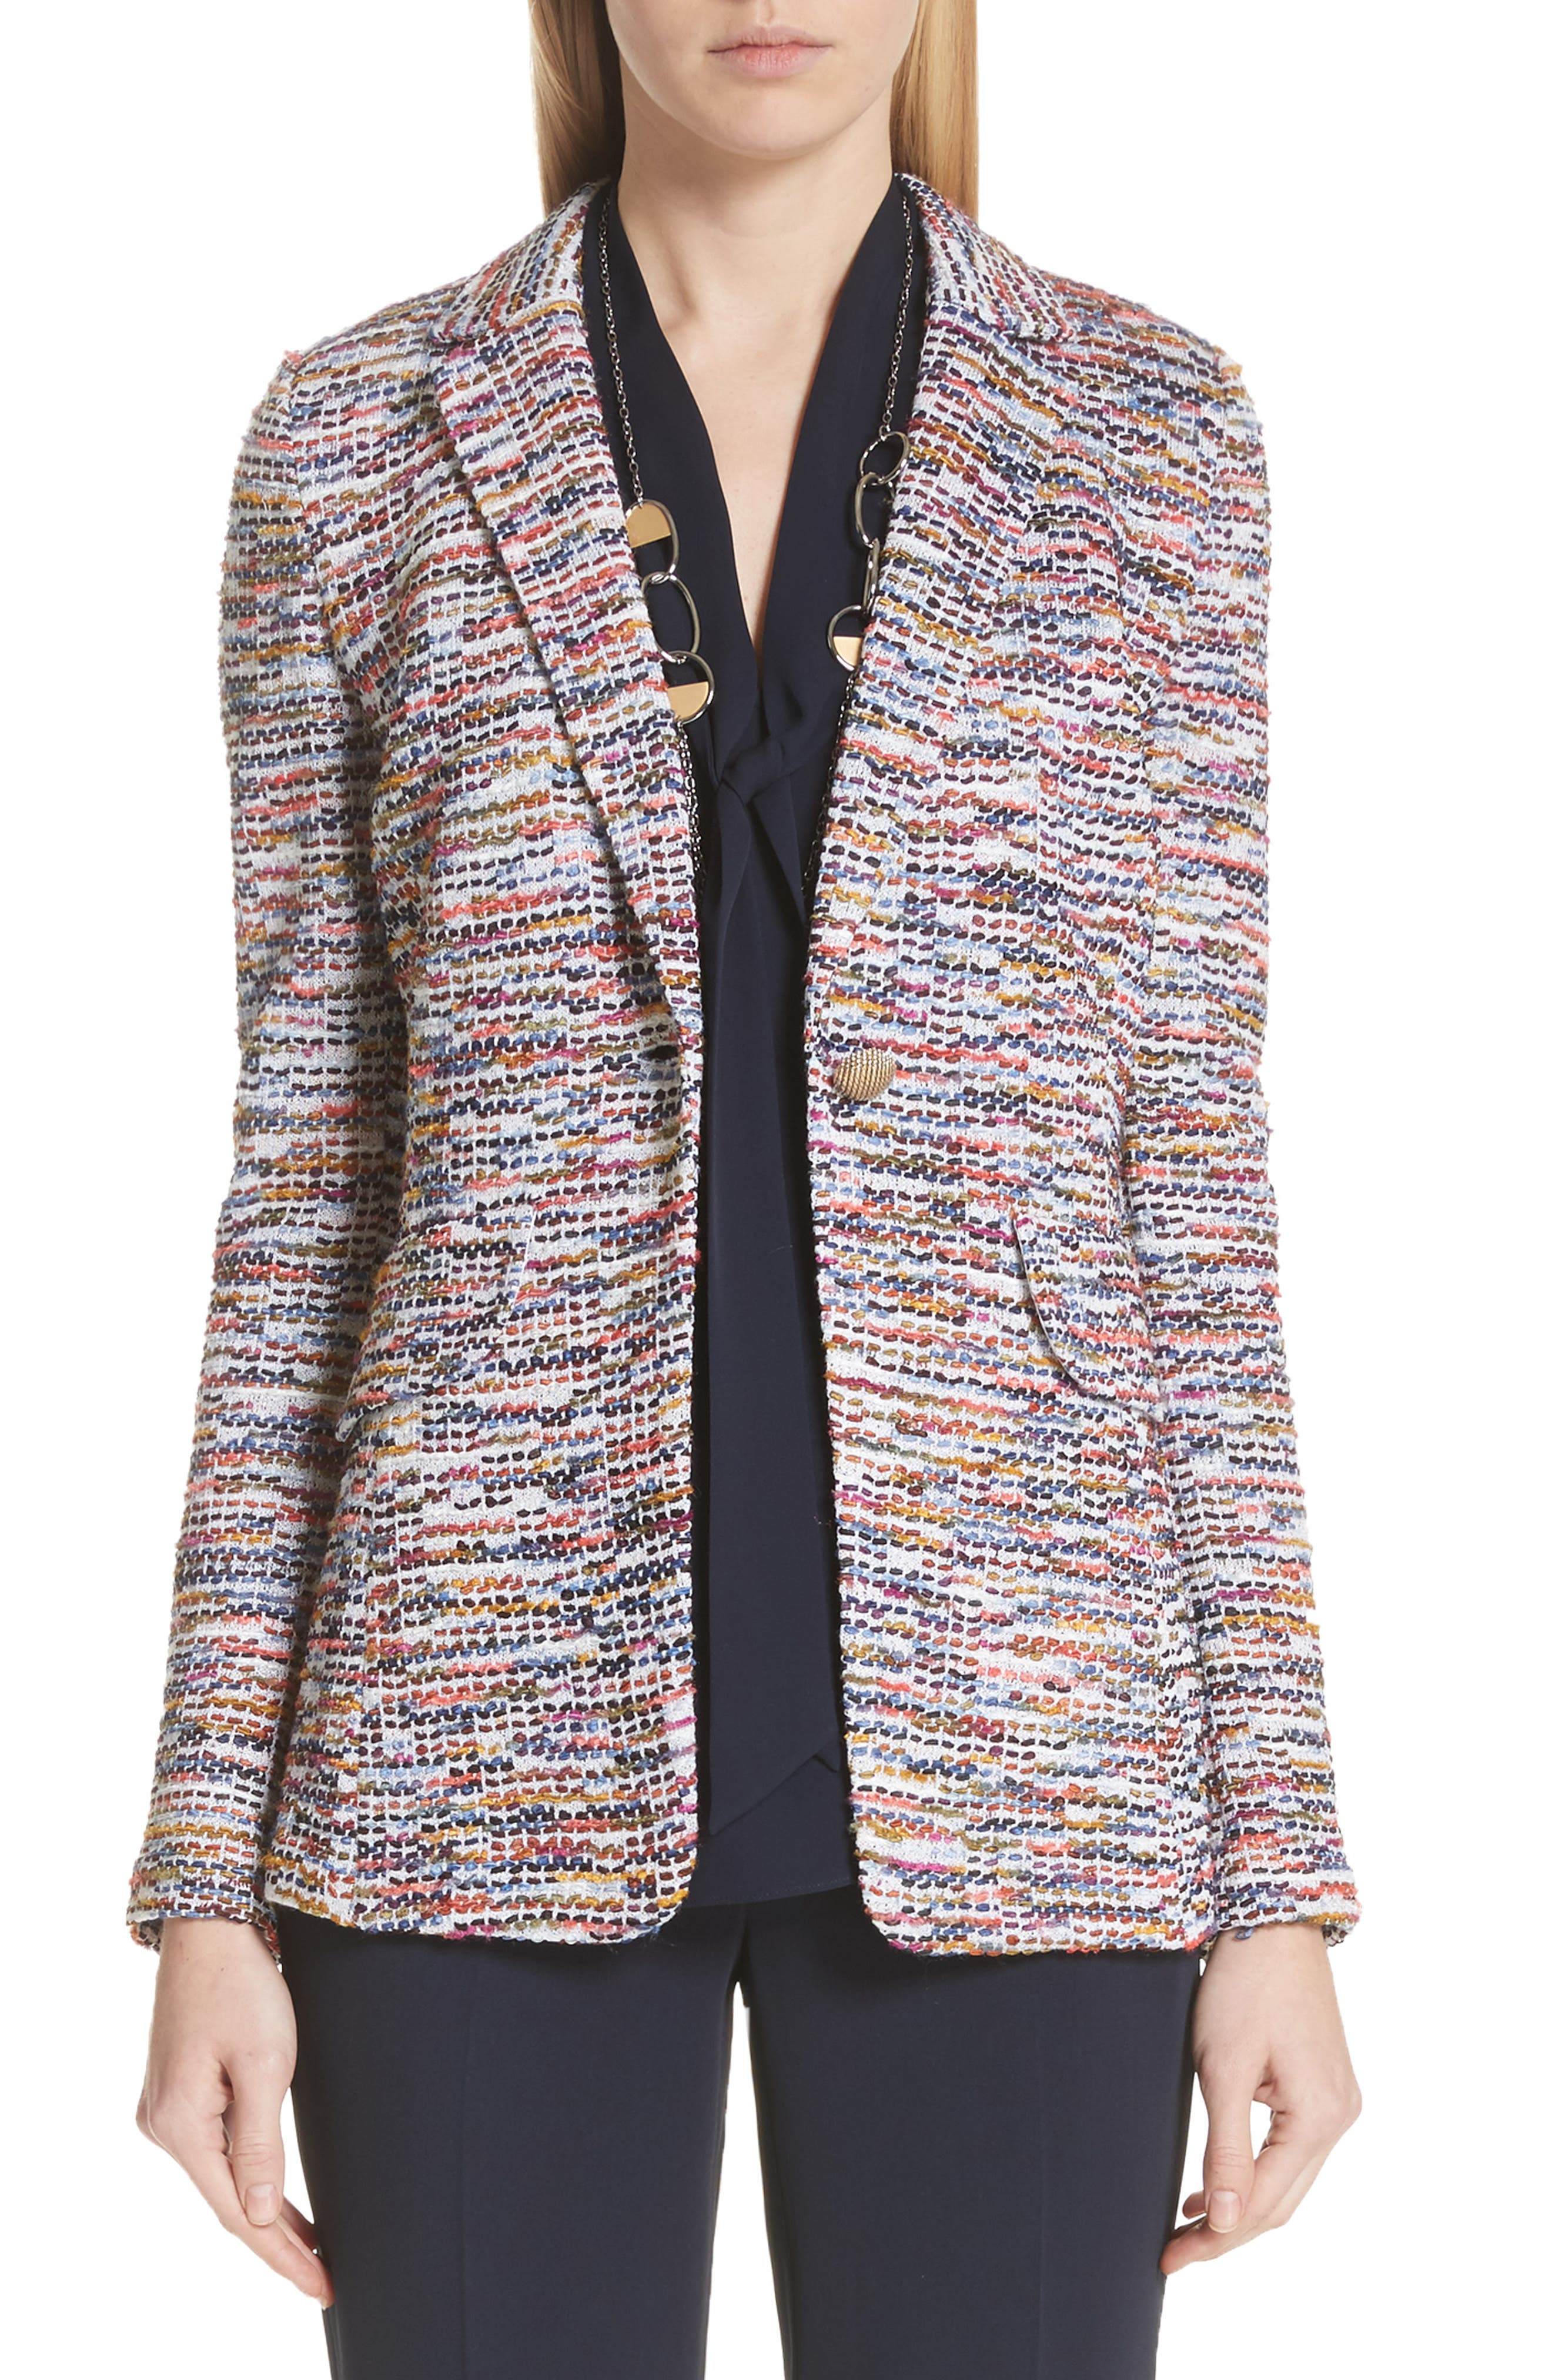 St. John Collection Vertical Fringe Multi Tweed Knit Jacket